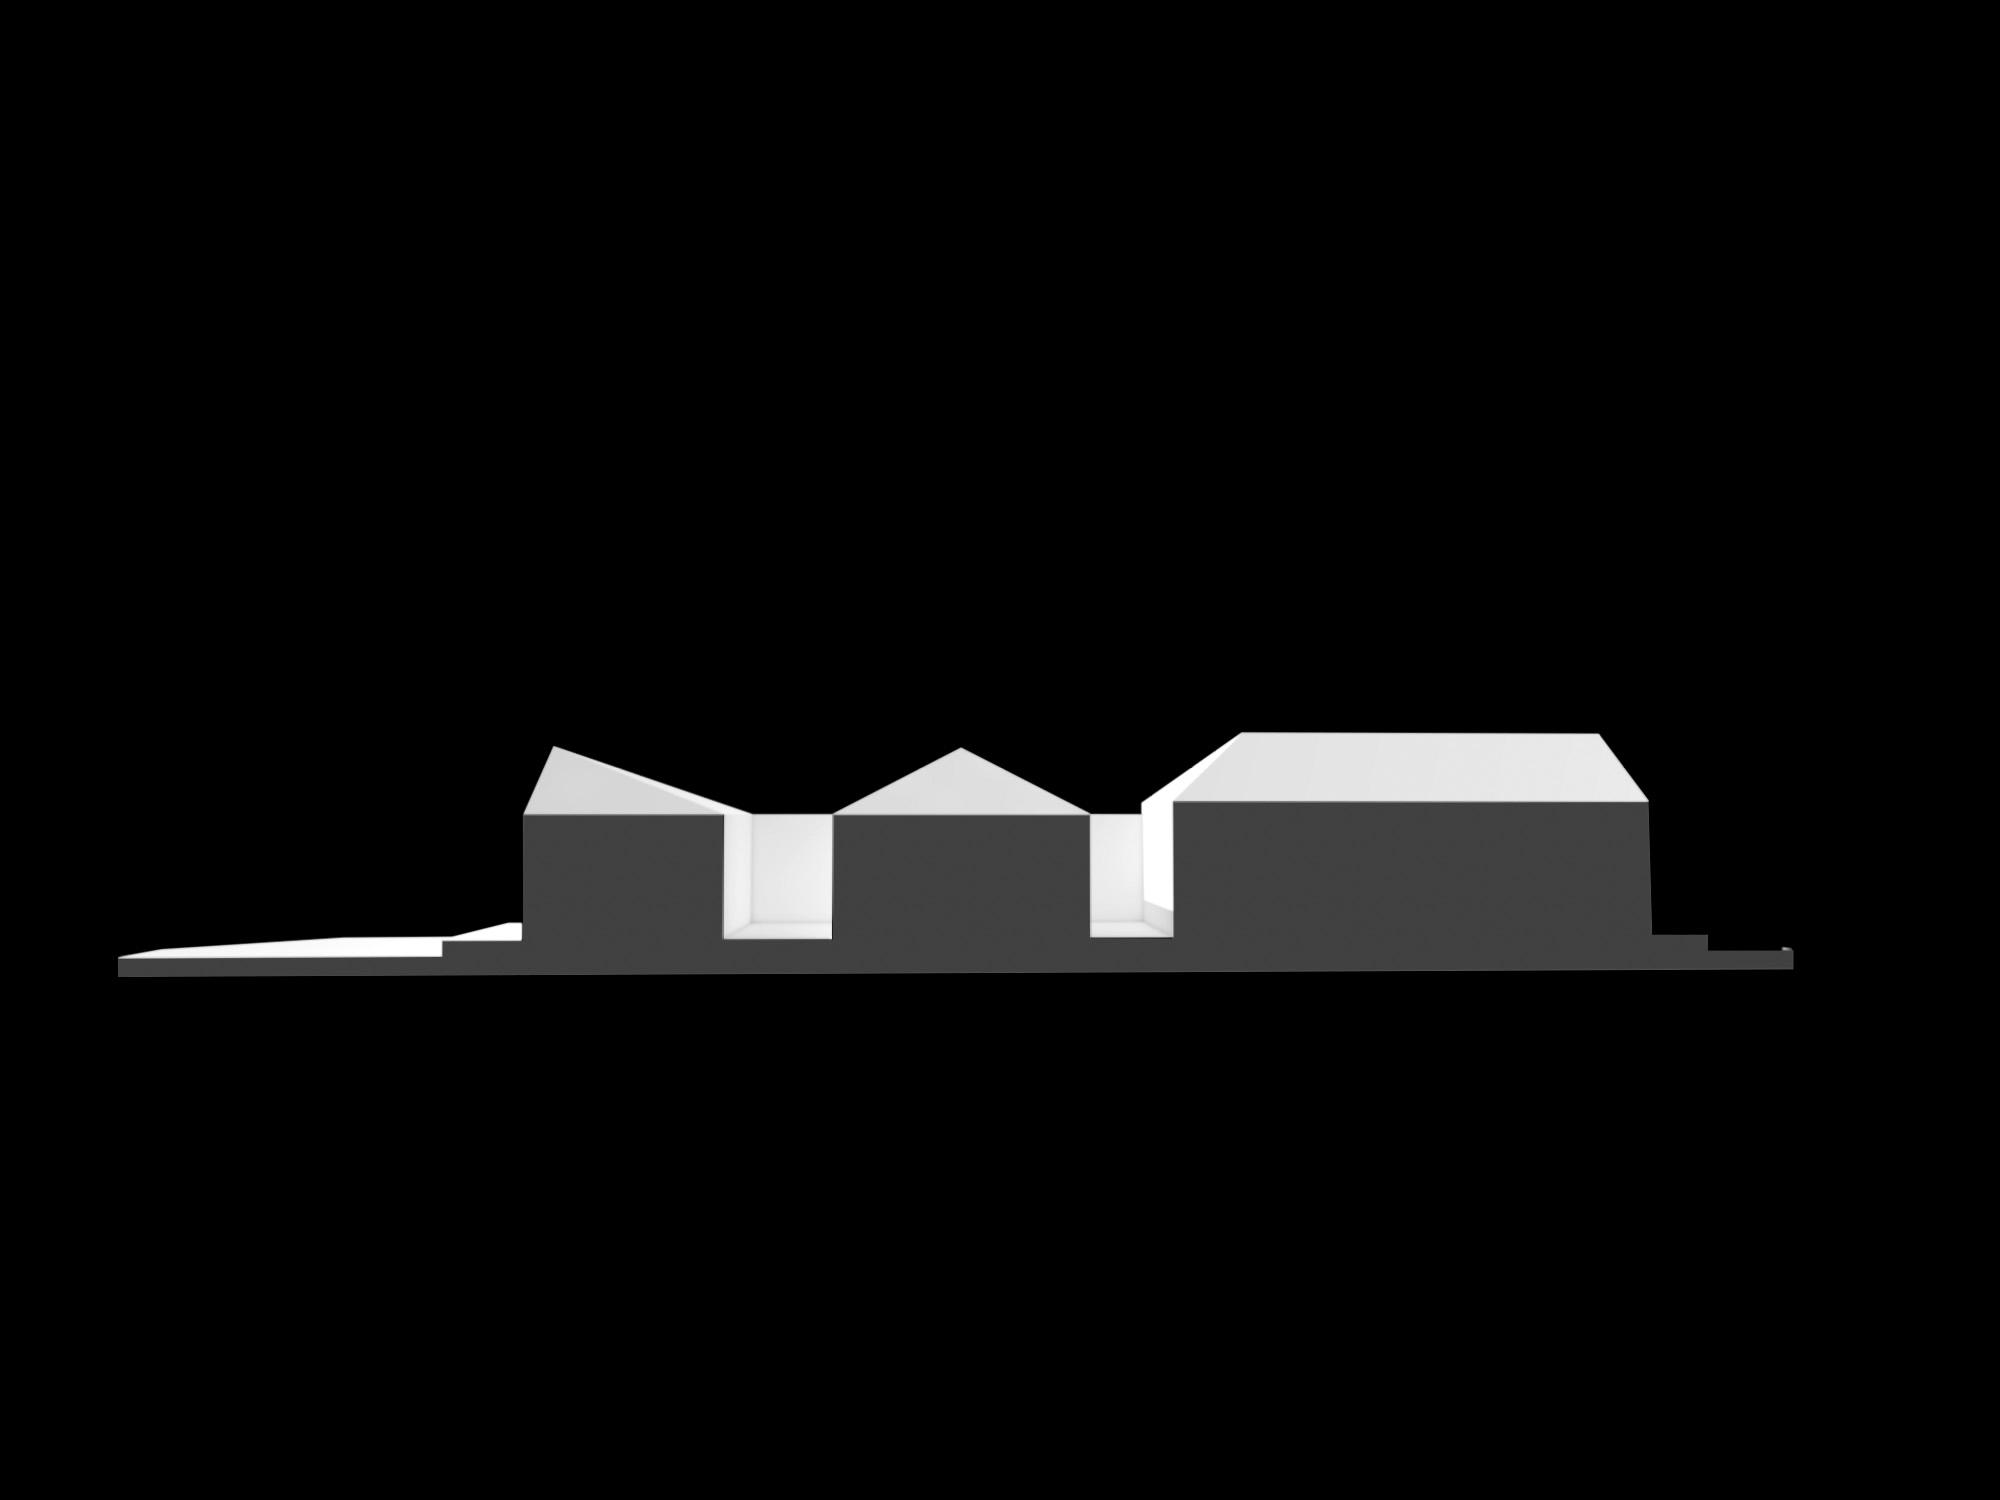 1805_Spensley_massingmodel.jpg